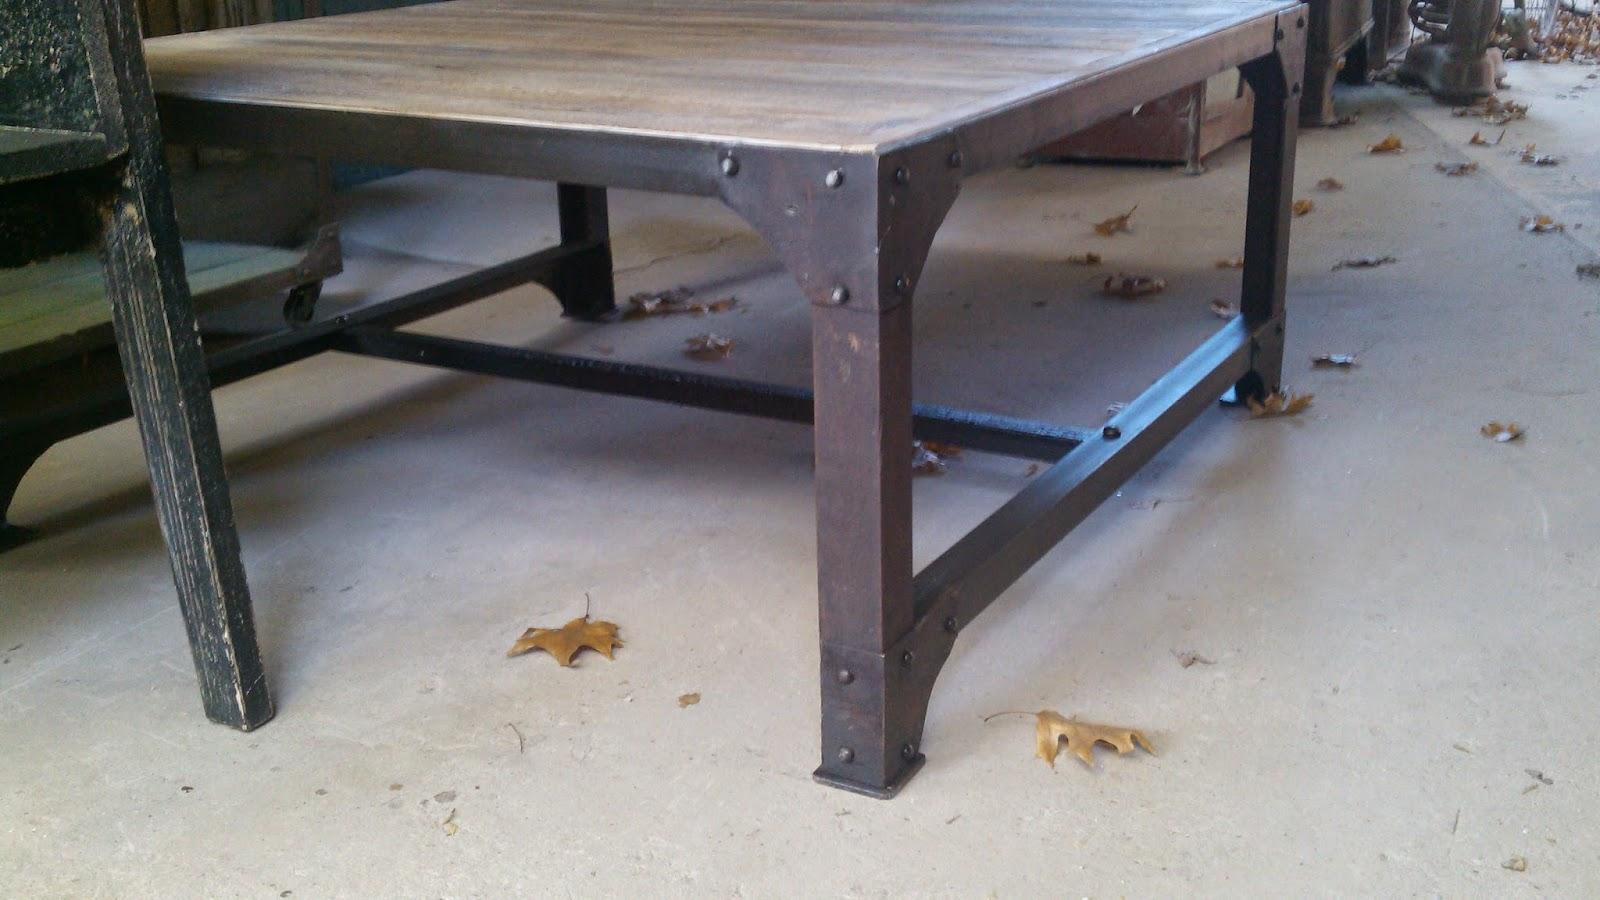 Muebles patchwork ruta 27 n 5707 rincon de milberg for Muebles de hierro y madera